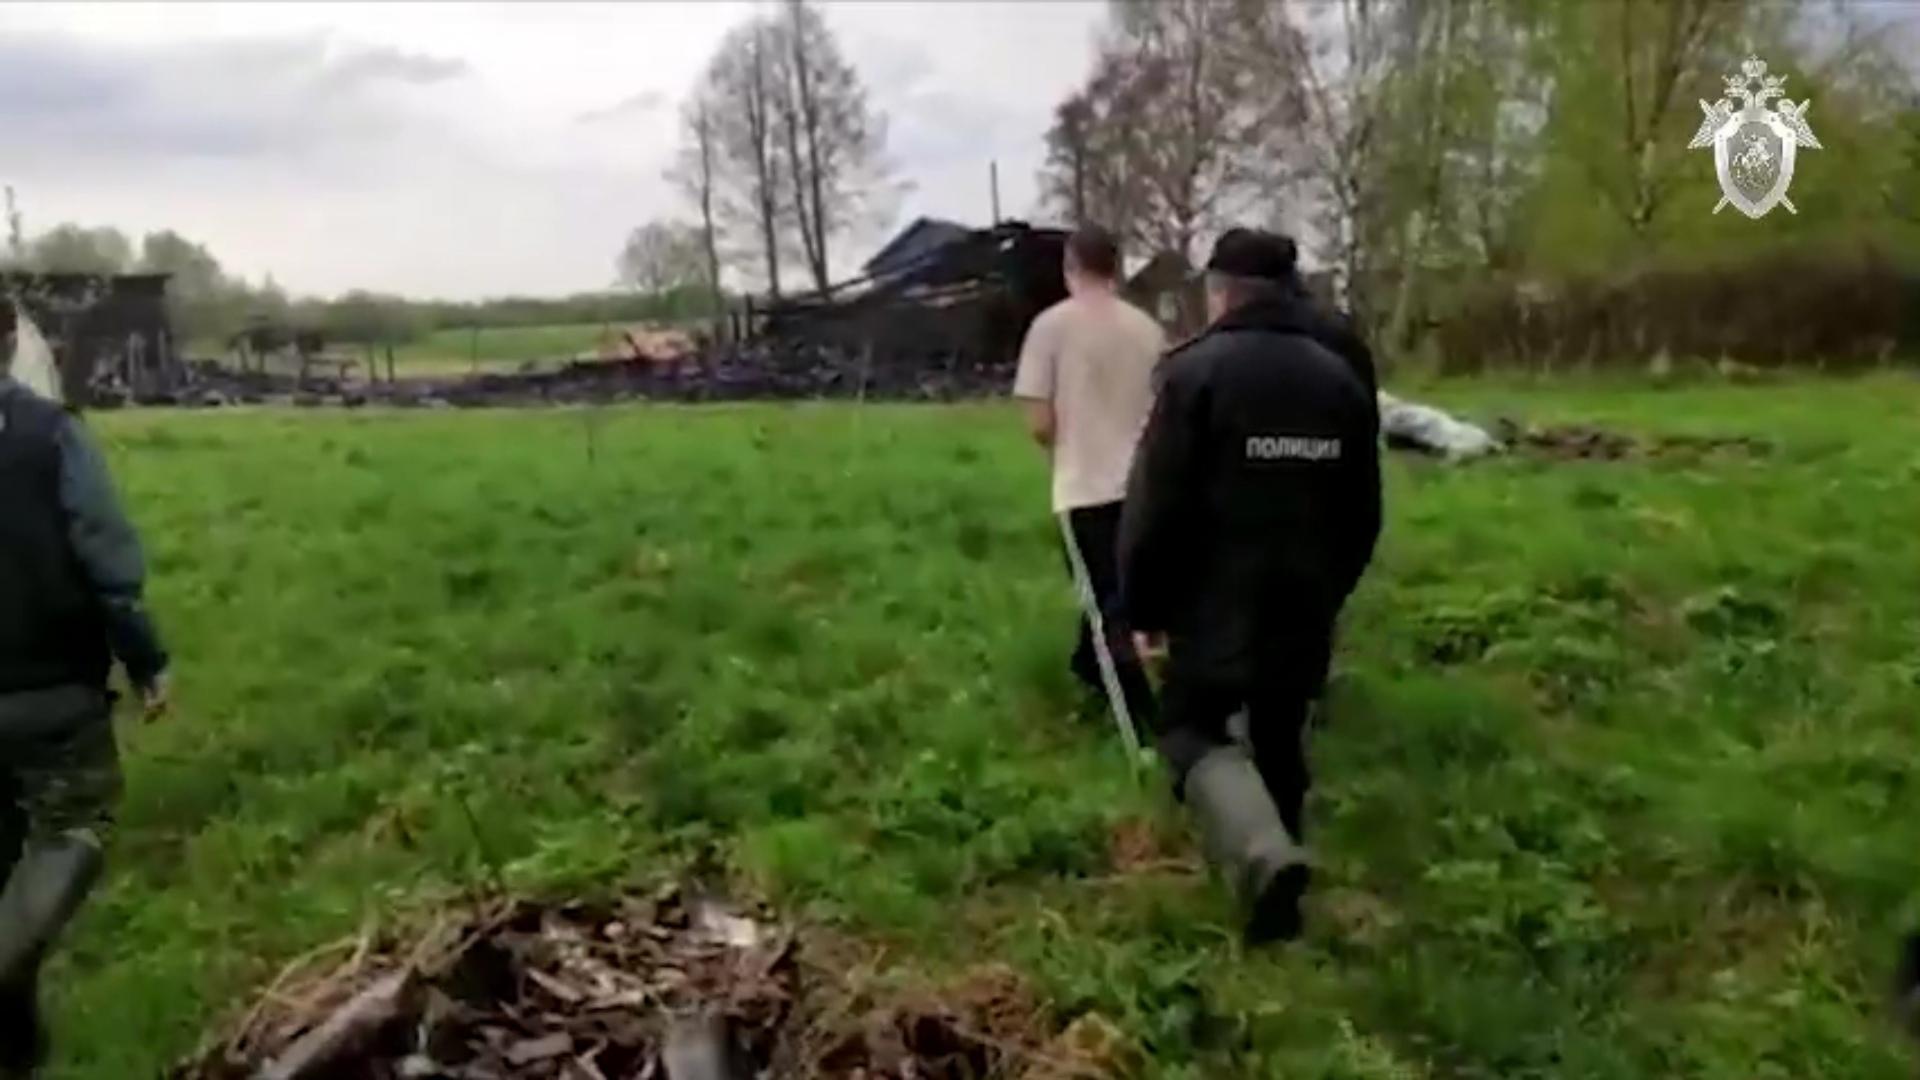 Изрезали ножом, обокрали и подожгли: в Ярославской области двум мужчинам предъявили обвинение в убийстве пенсионера и разбое